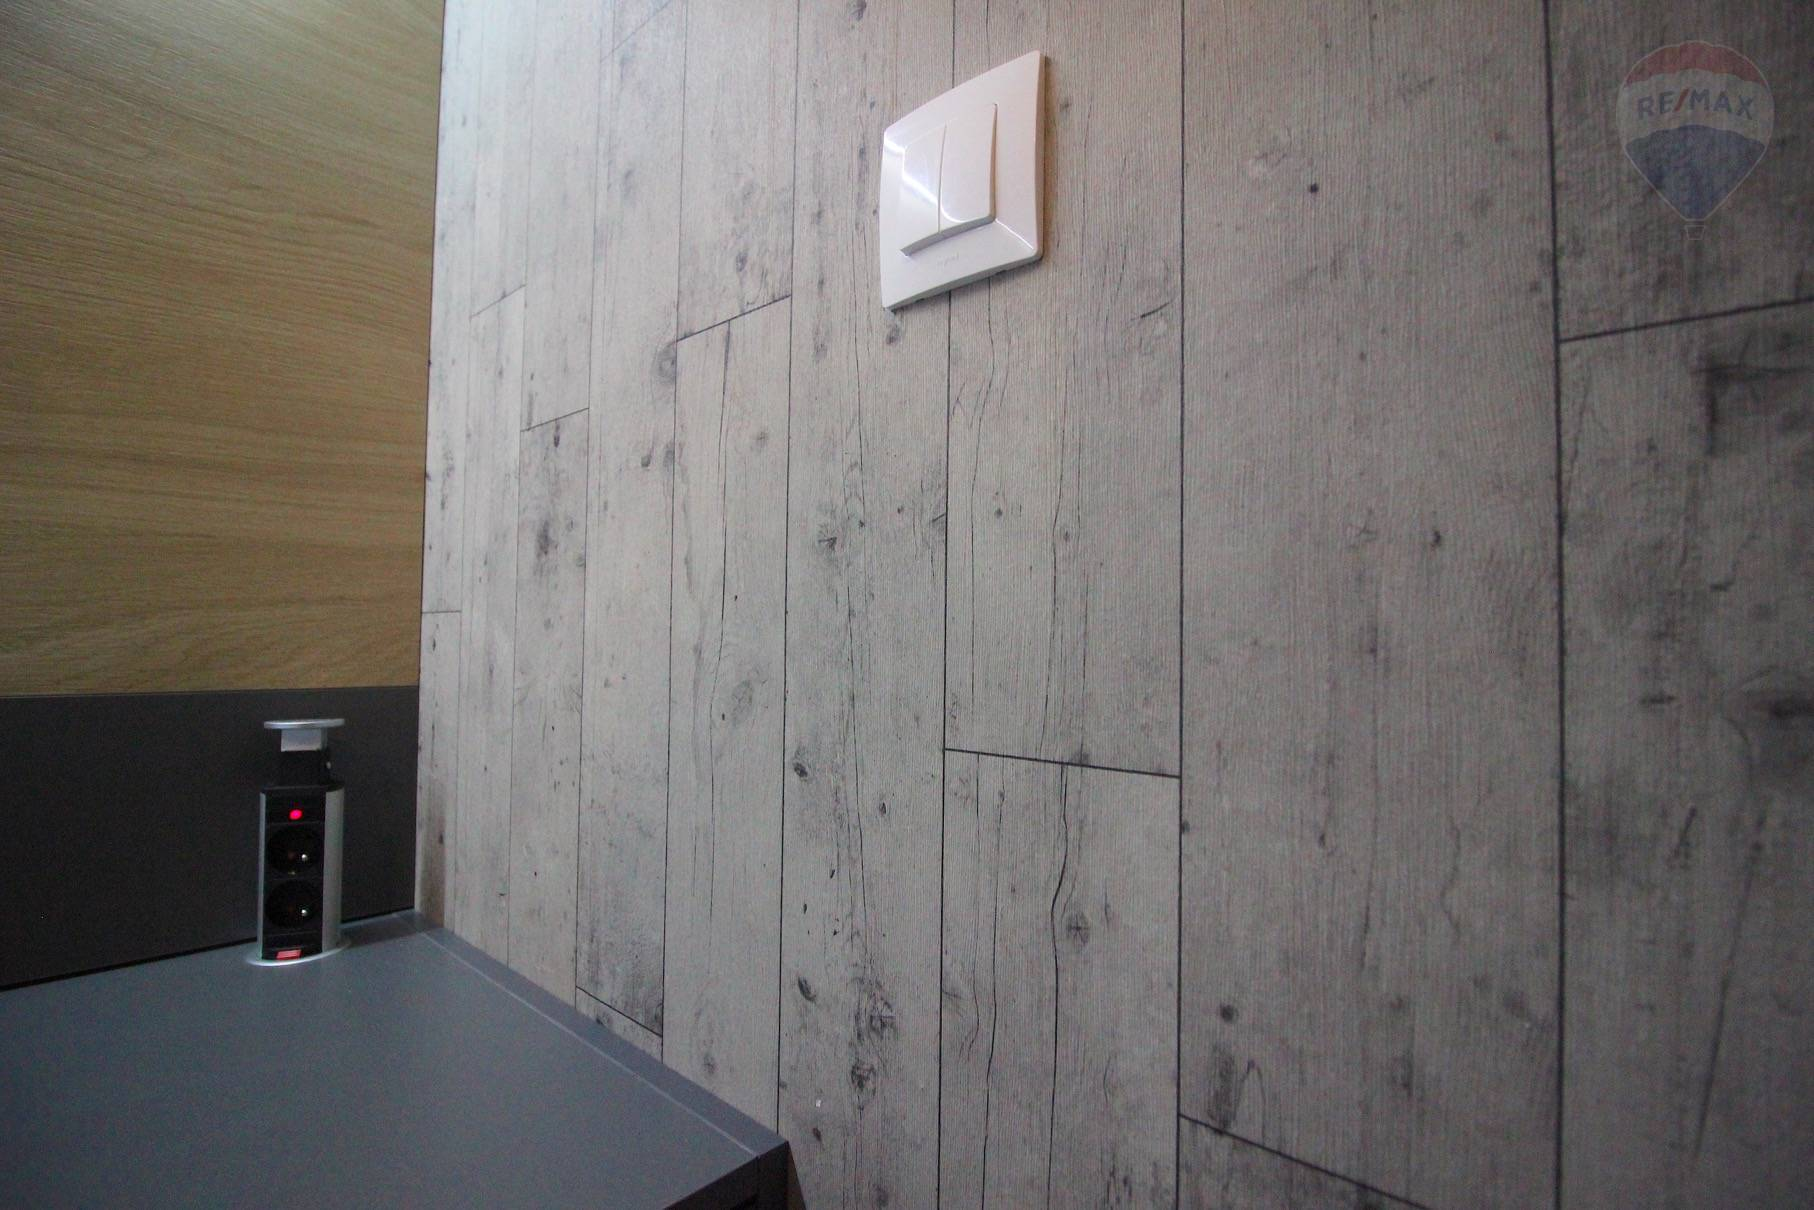 Prenájom bytu (2 izbový) 39 m2, Bratislava - Devínska Nová Ves - ŠTÝLOVÝ A MODERNÝ BYT V NOVOSTAVBE - EŠTE NEOBÝVANÝ - ZARIADENÝ - Bory Bývanie - Top ponuka - Detail